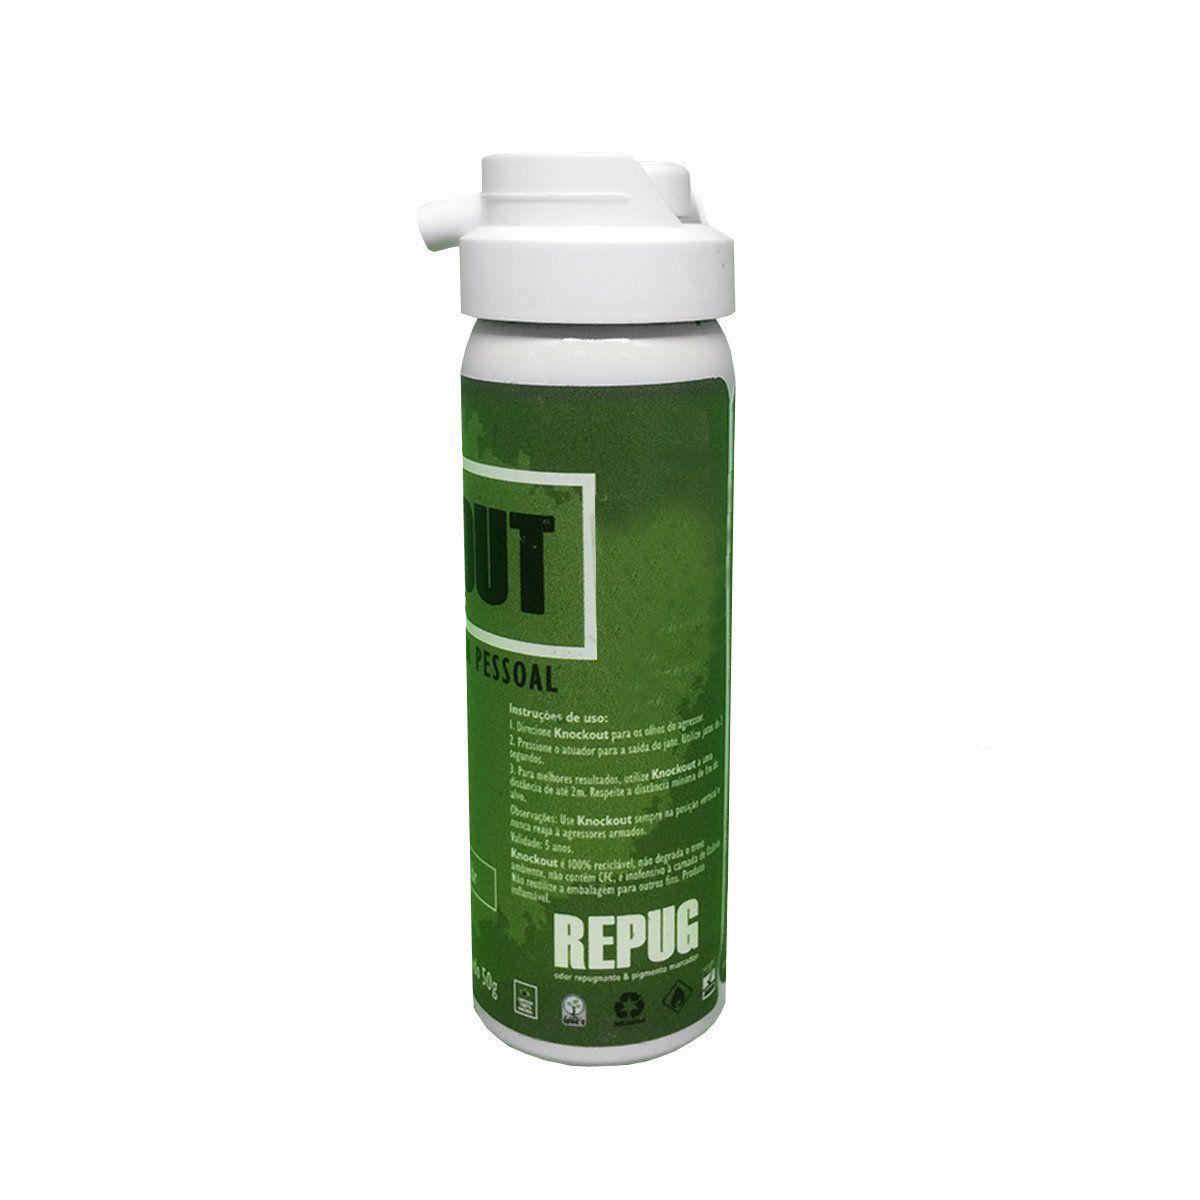 Spray de Defesa Pessoal Knockout Repug 50g